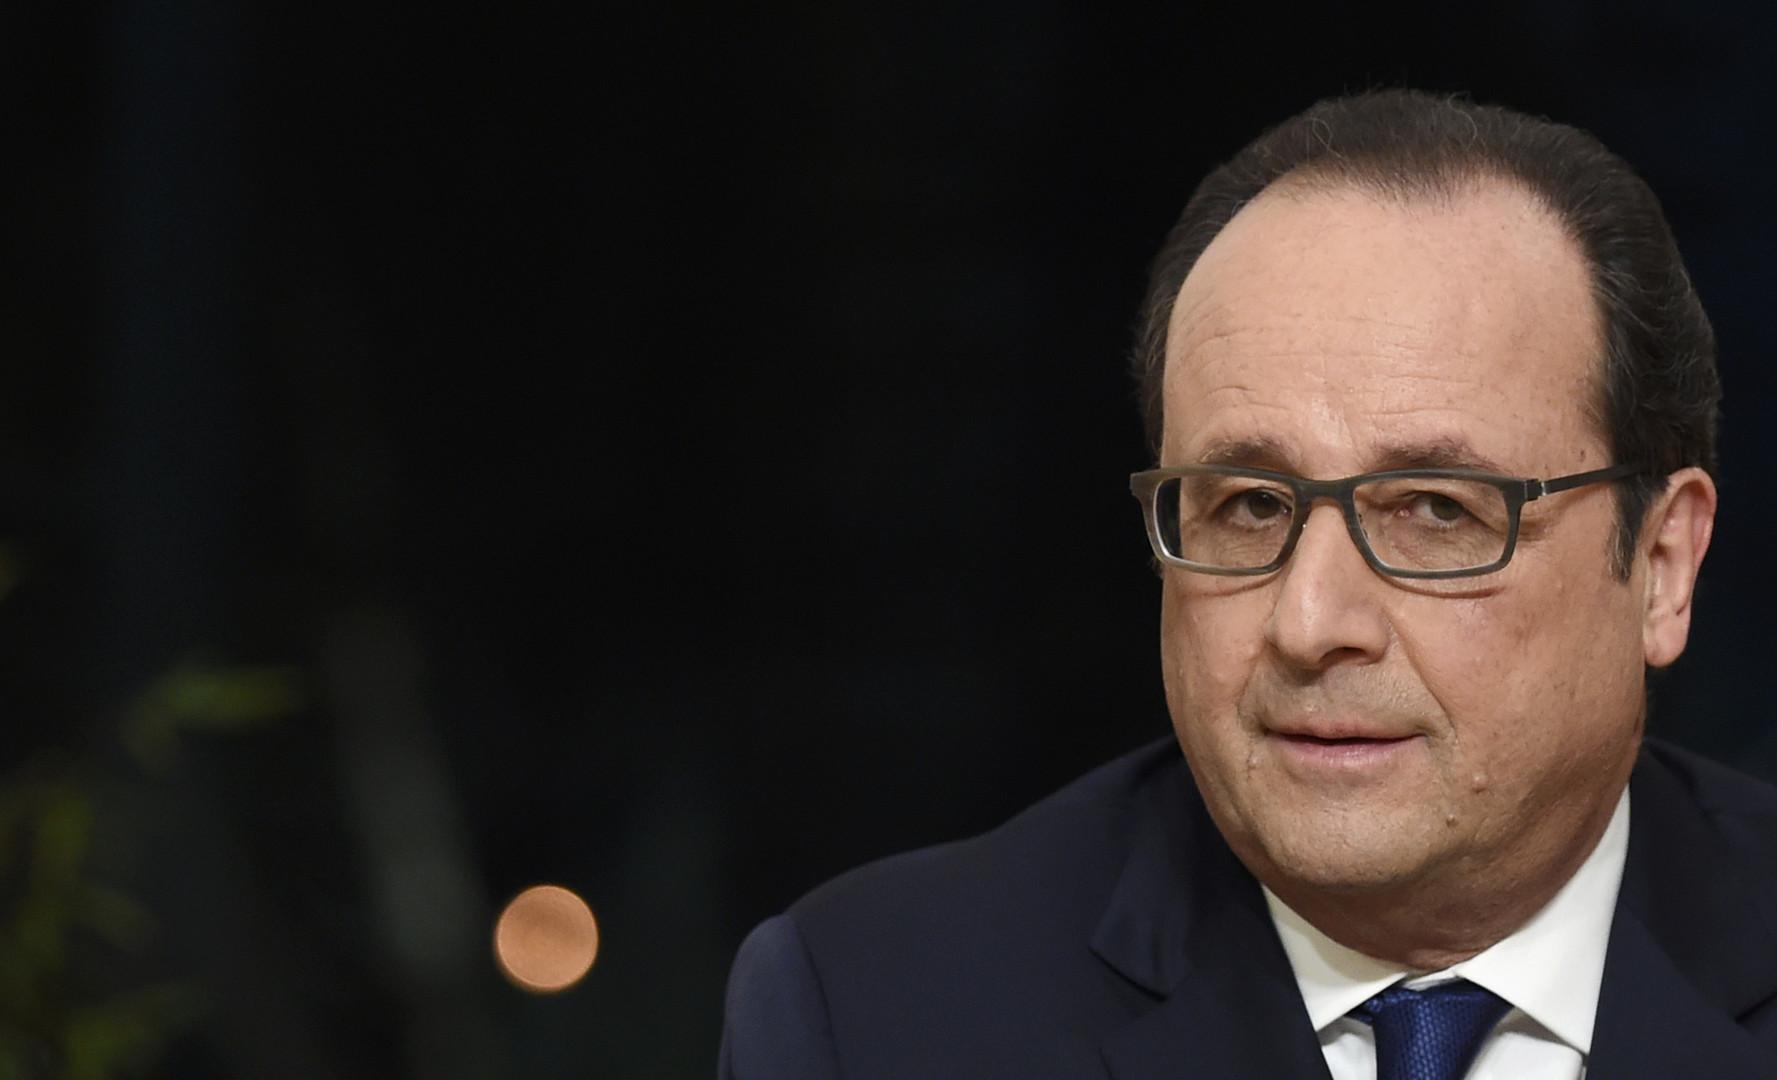 François Hollande a la mémoire courte. Il semble ne pas se rappeler qu'il y a 5 ans, il avait soutenu l'intervention en Libye.